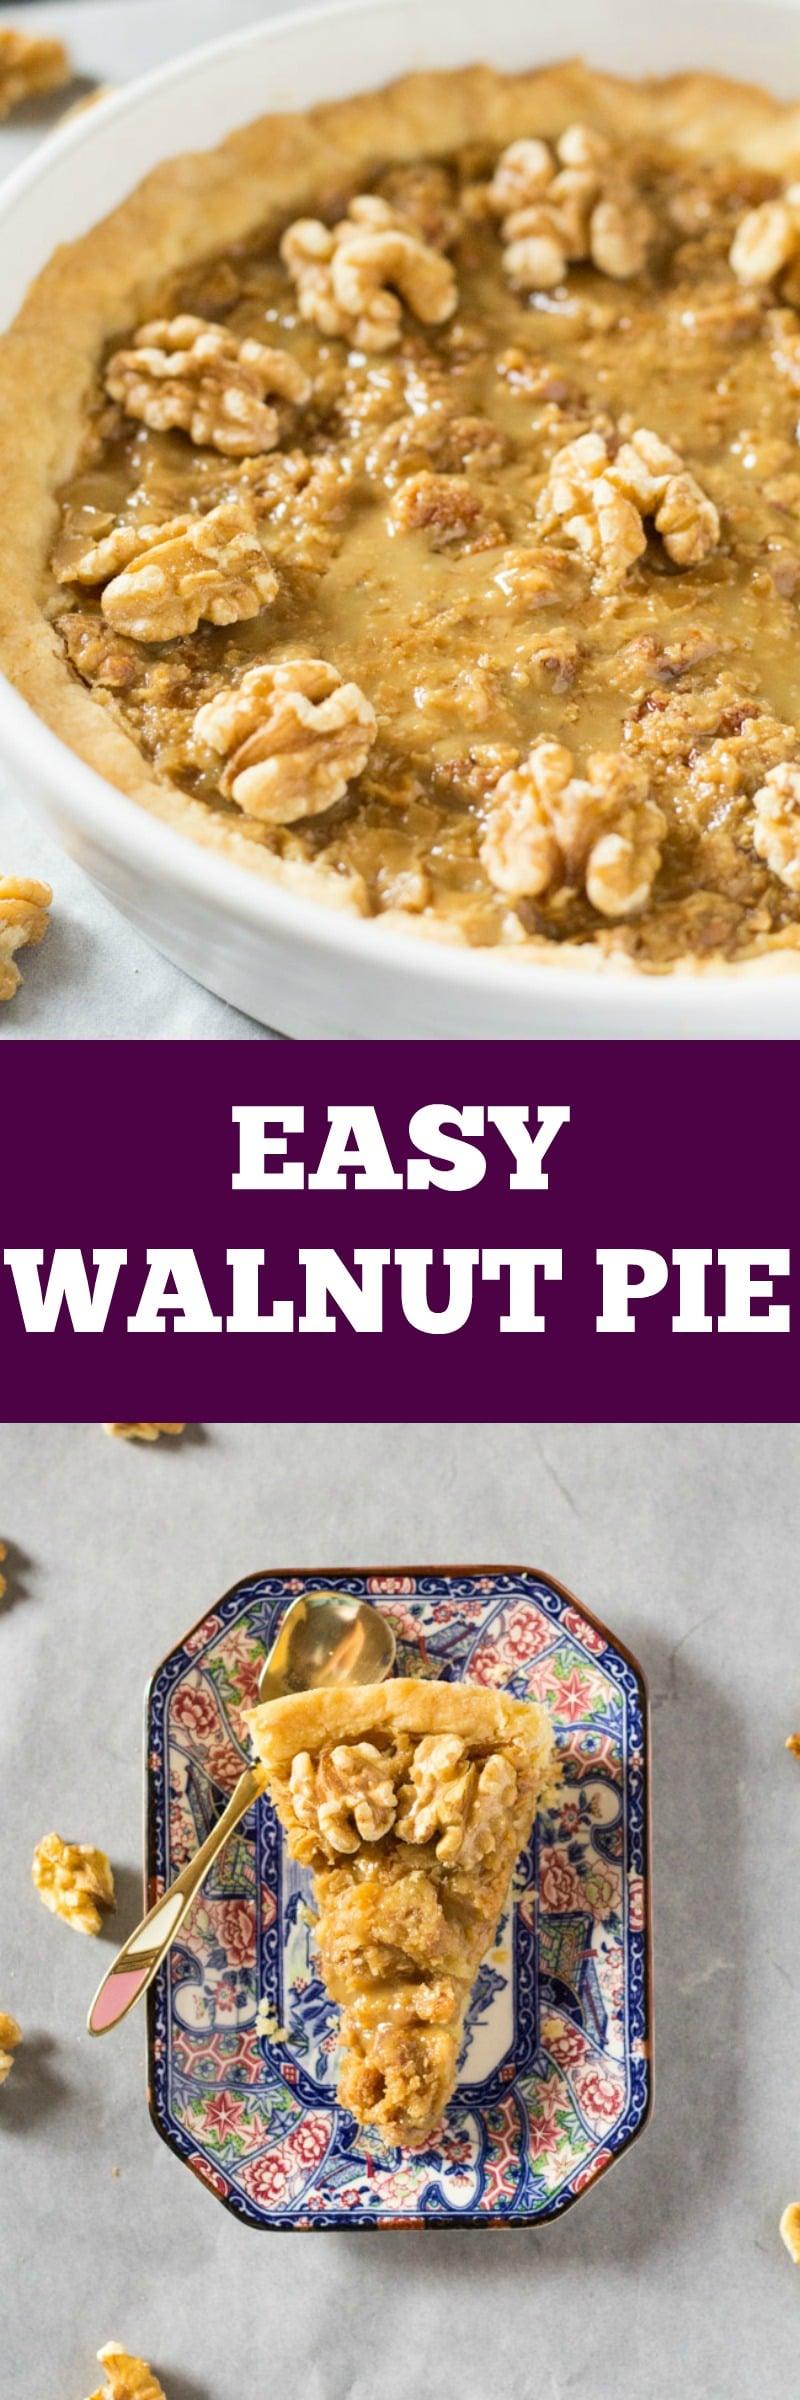 Easy Walnut Pie